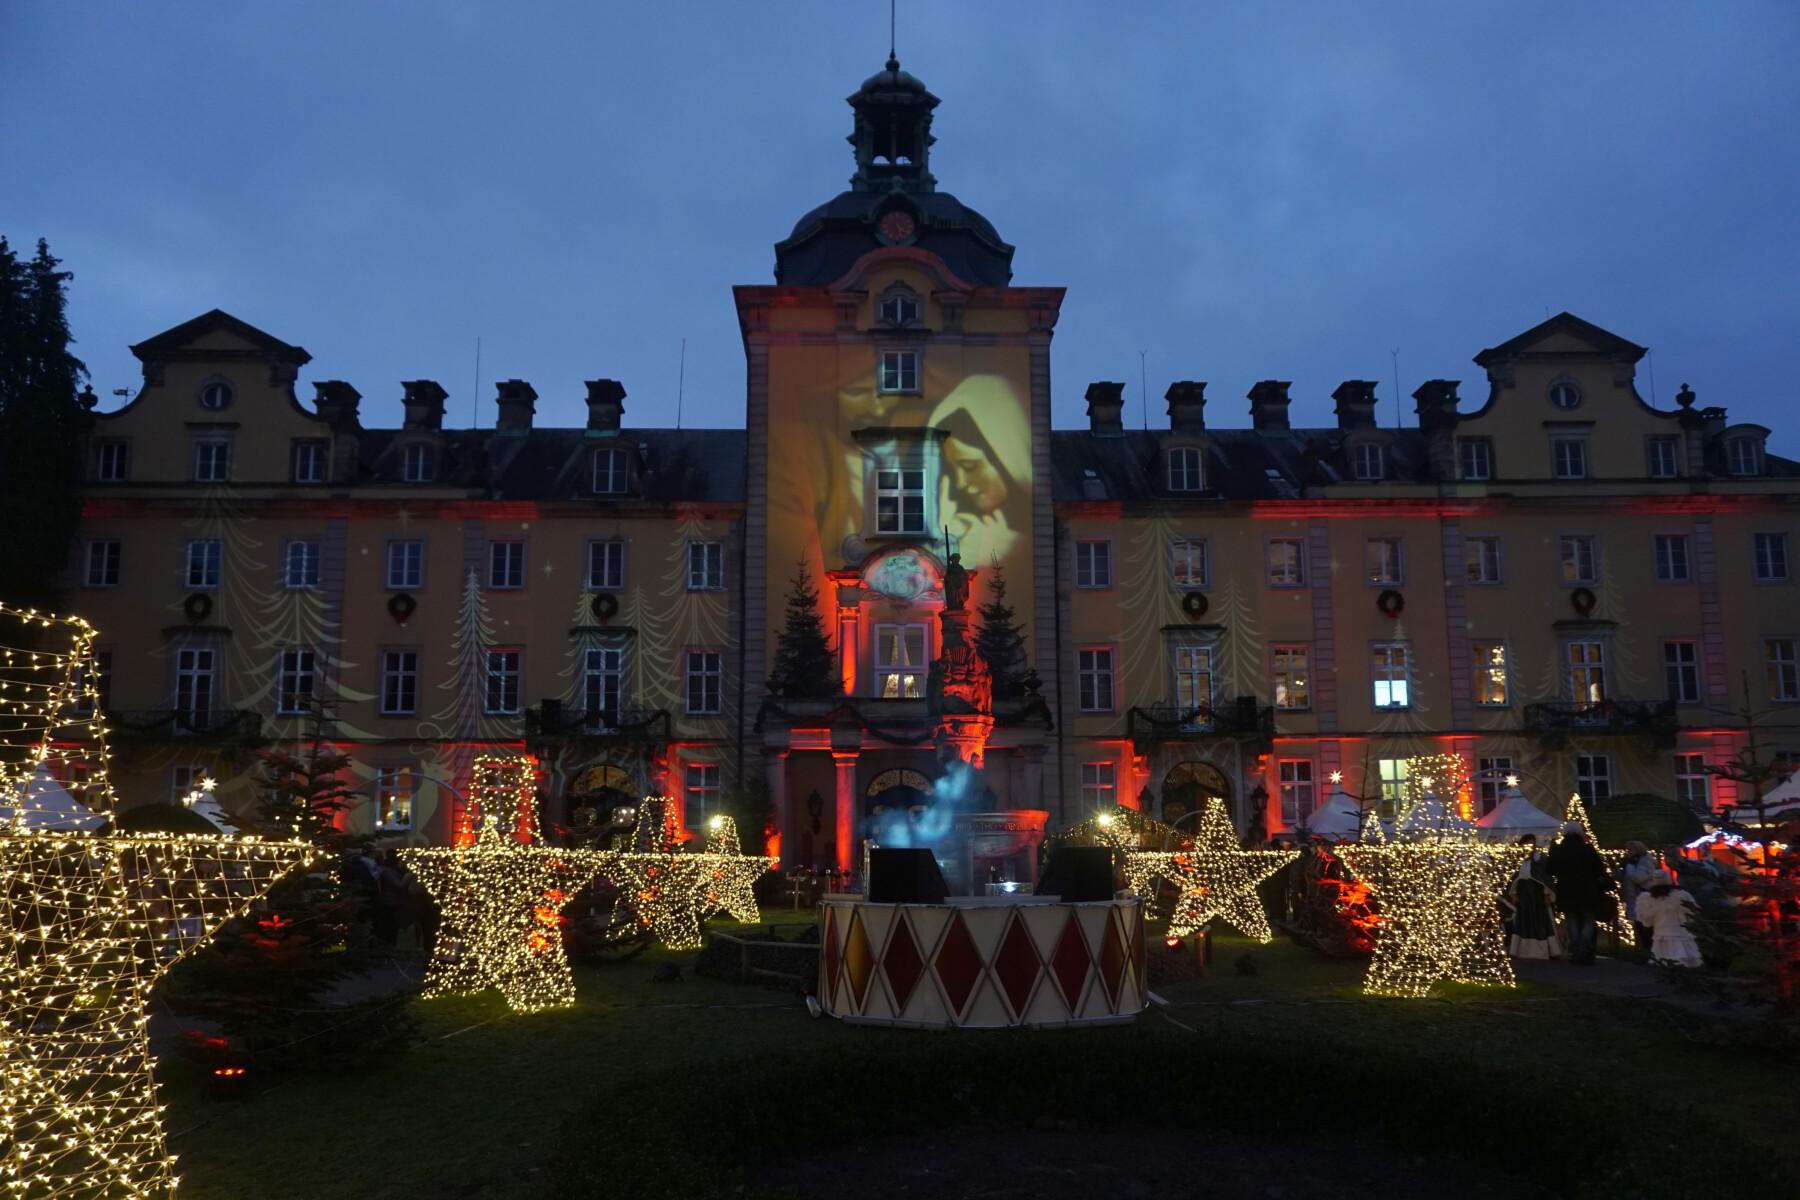 Bückeburg Weihnachtsmarkt im Schloss 2021 - Union Reiseteam